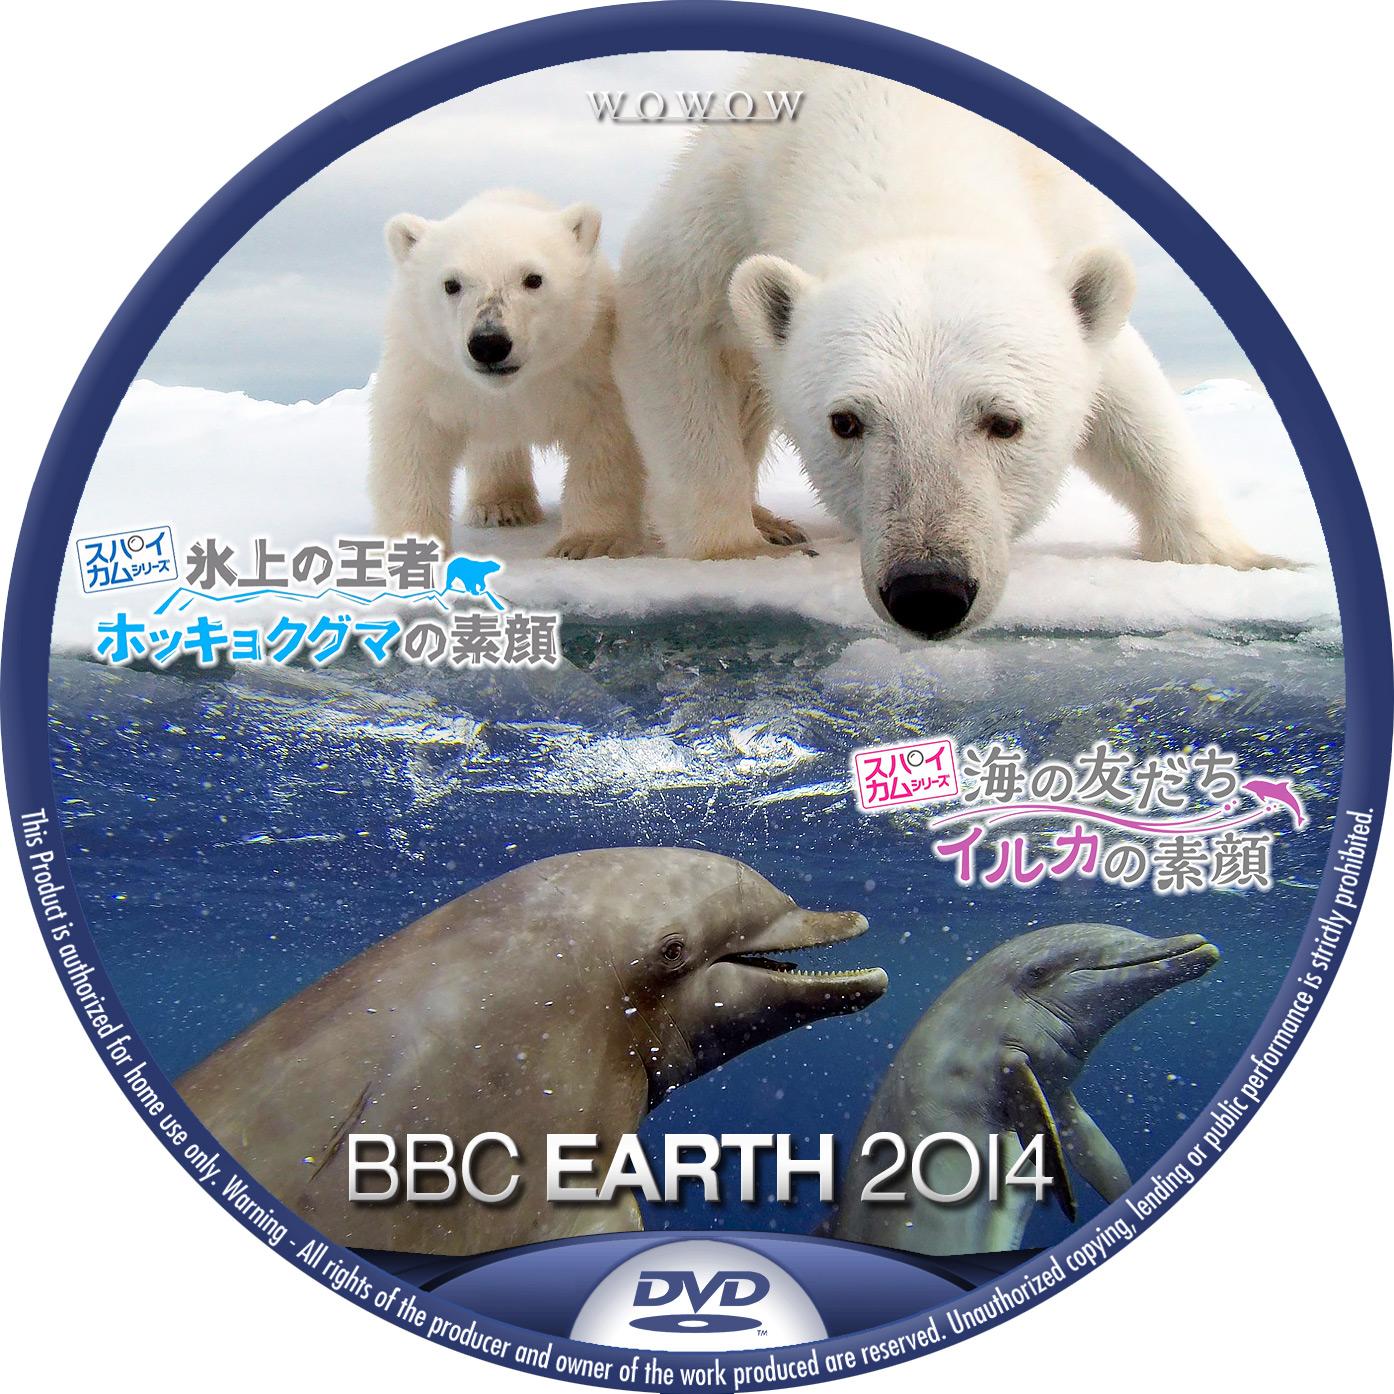 BBC EARTH 2014 スパイカム WOWOW DVDラベル